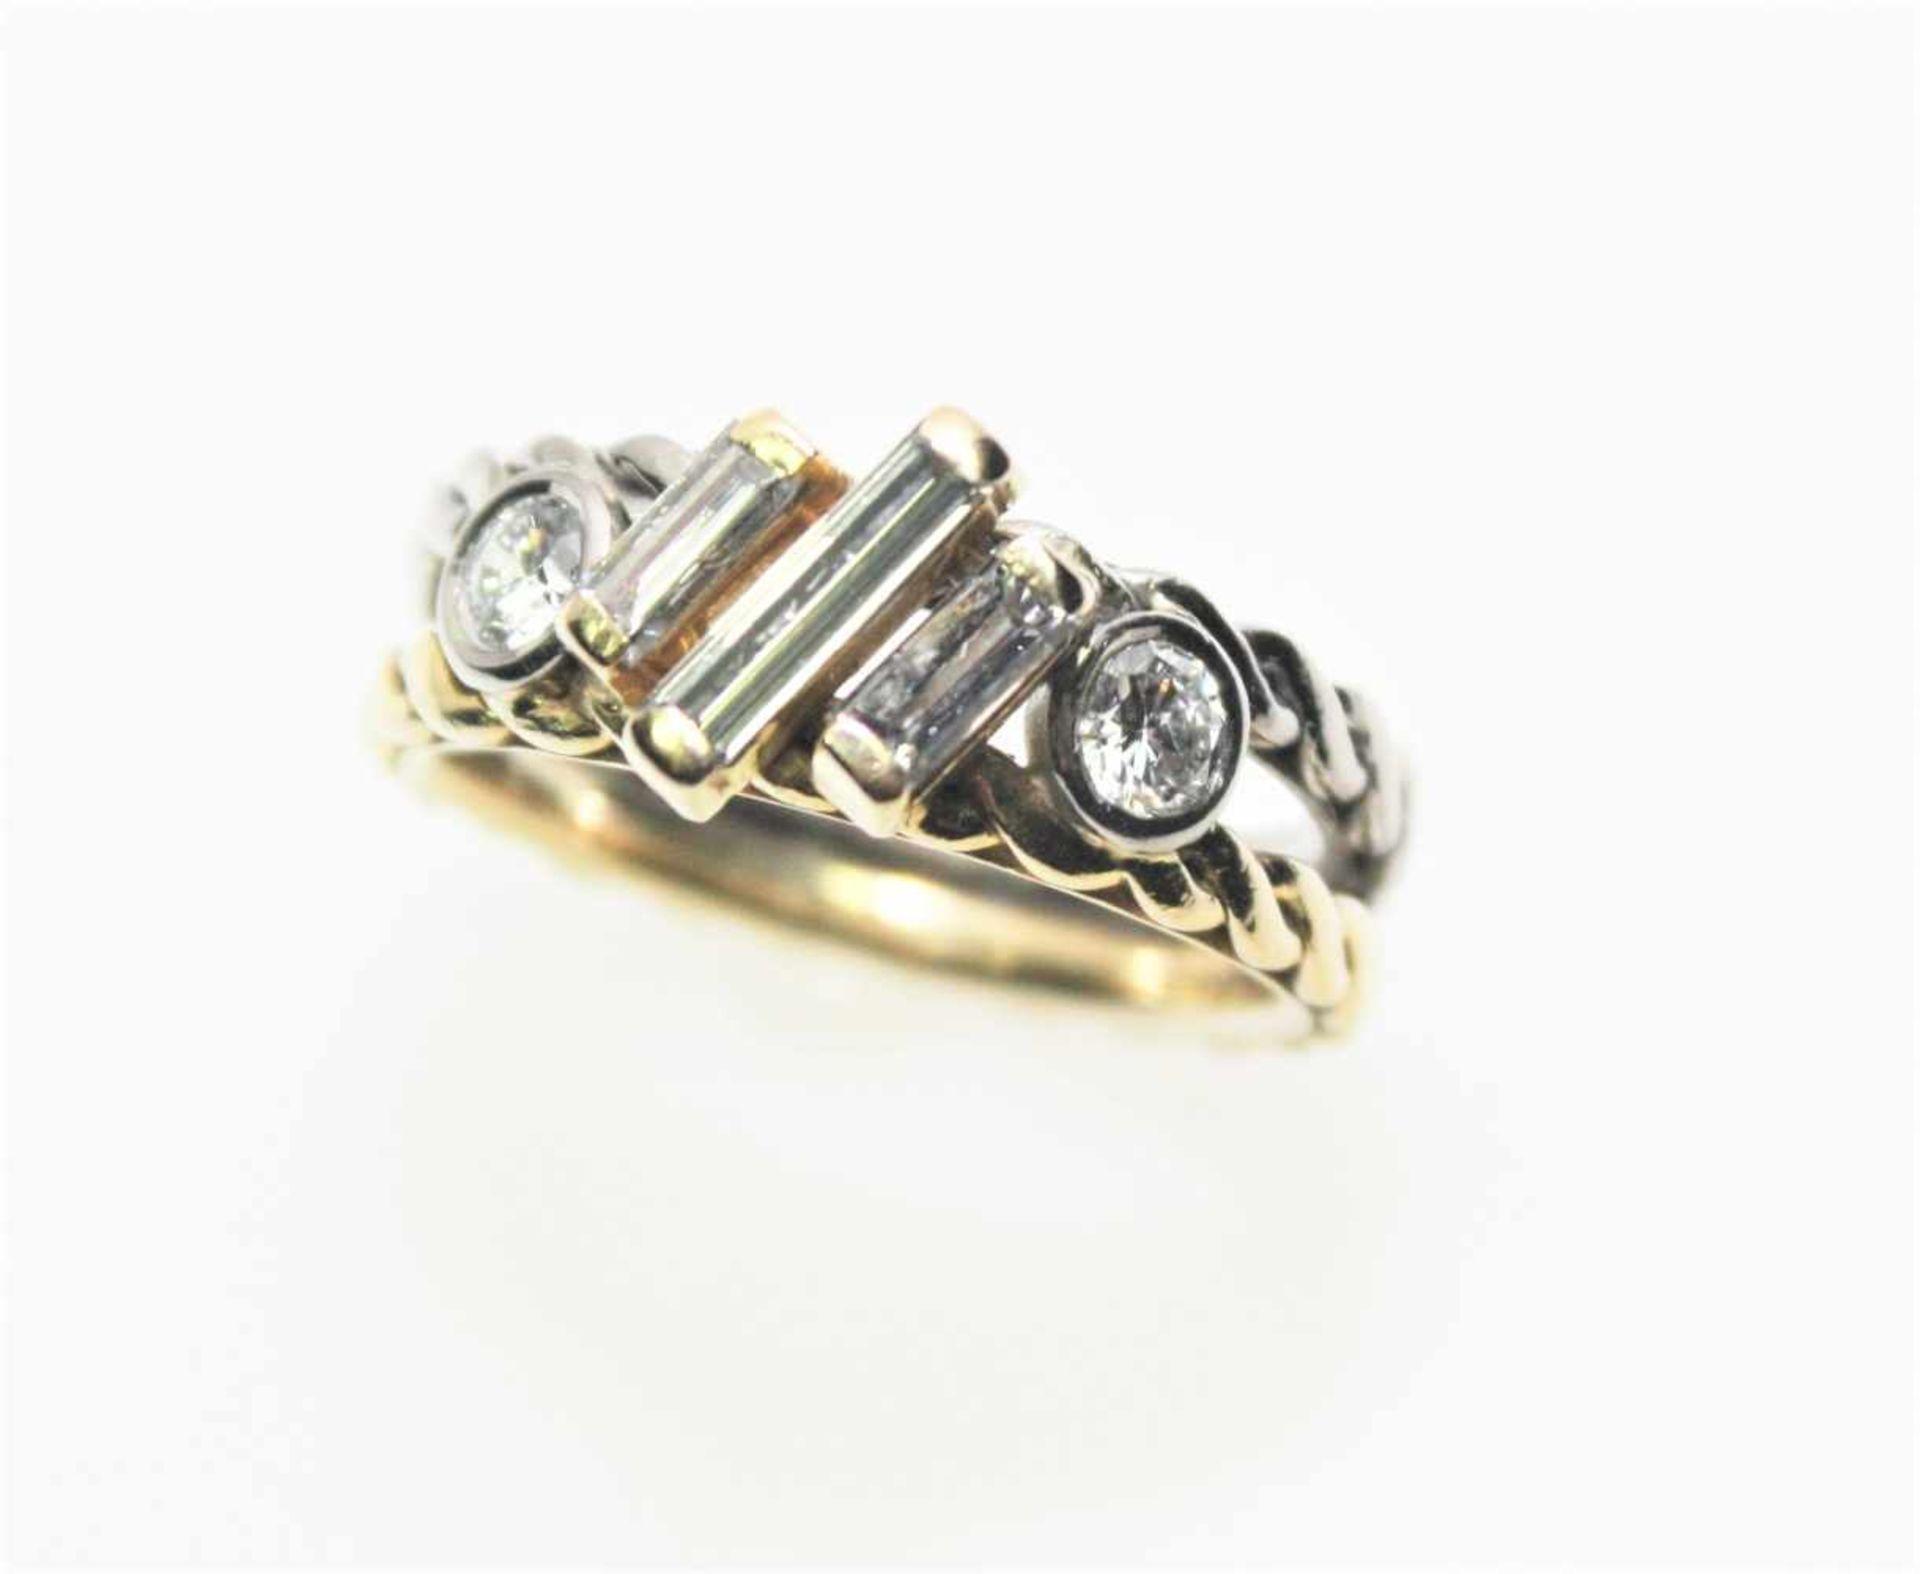 Gekordelter Doppelring in Gelb- und Weißgold 750/f gest., zur Mitte quergestellt drei Diamanten in